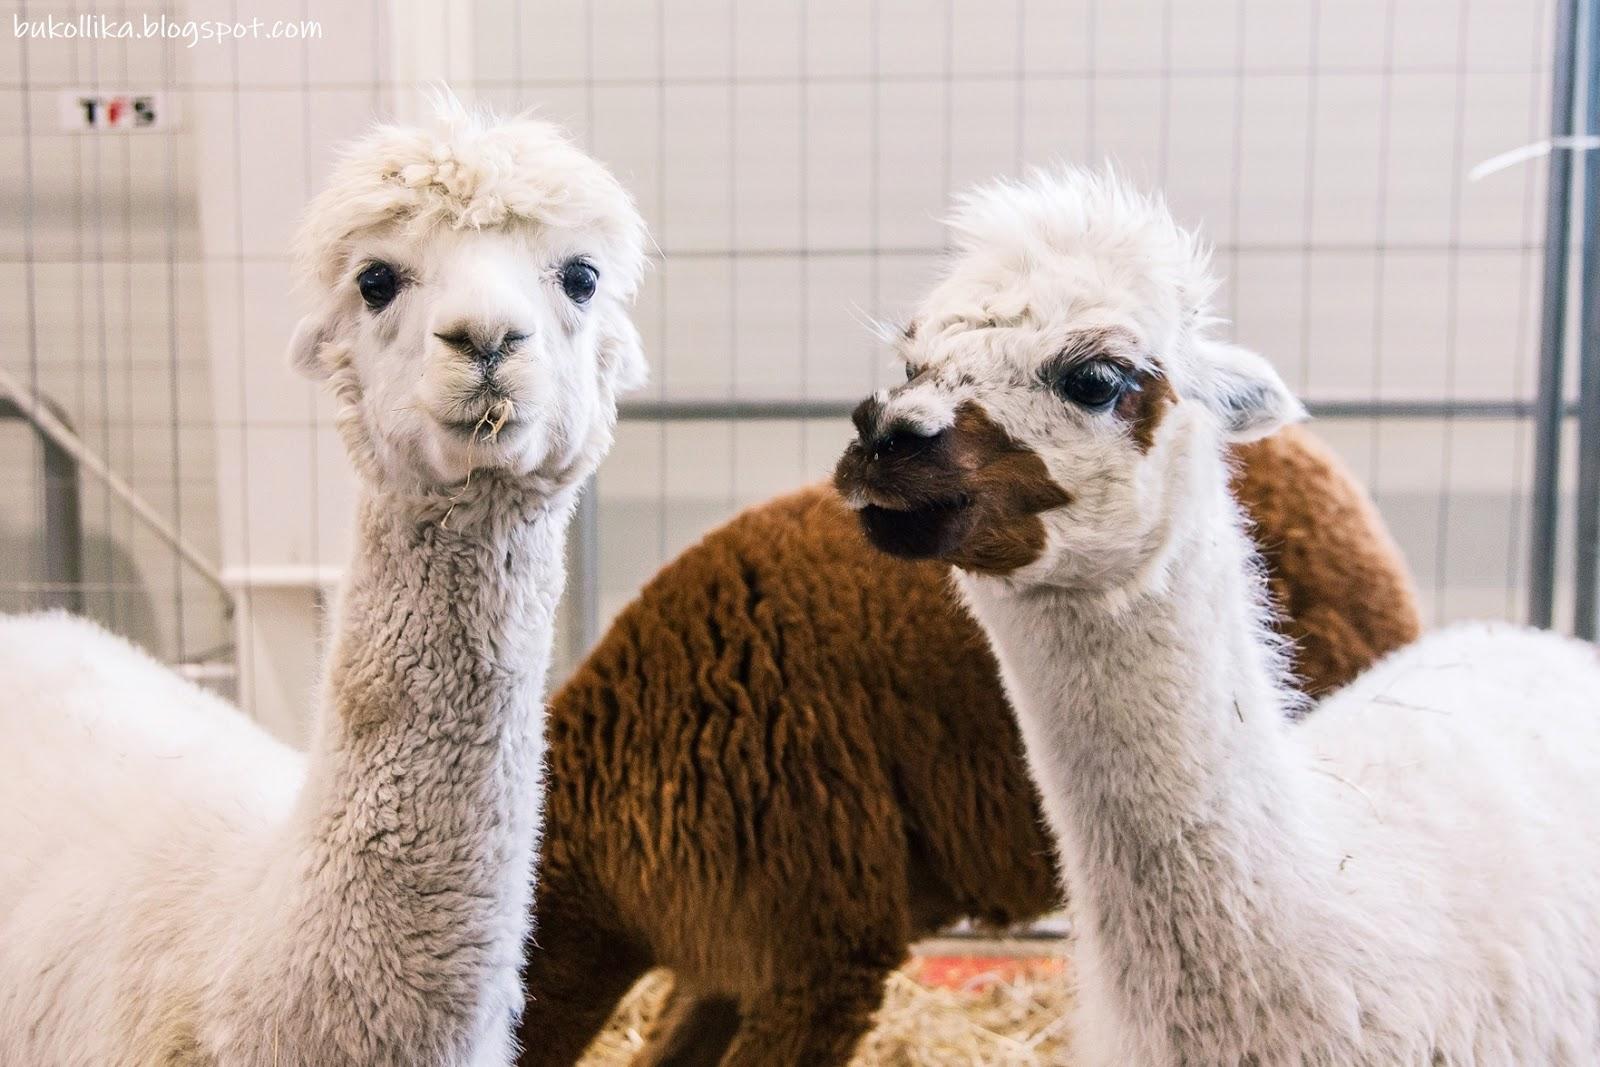 zoopark lublin, targi lublin, wystawa zwierzat, lublin, koty rasowe, wystawa psow, zwierzeta egzotyczne, zoopark 2019, bukollika blog, bukolika